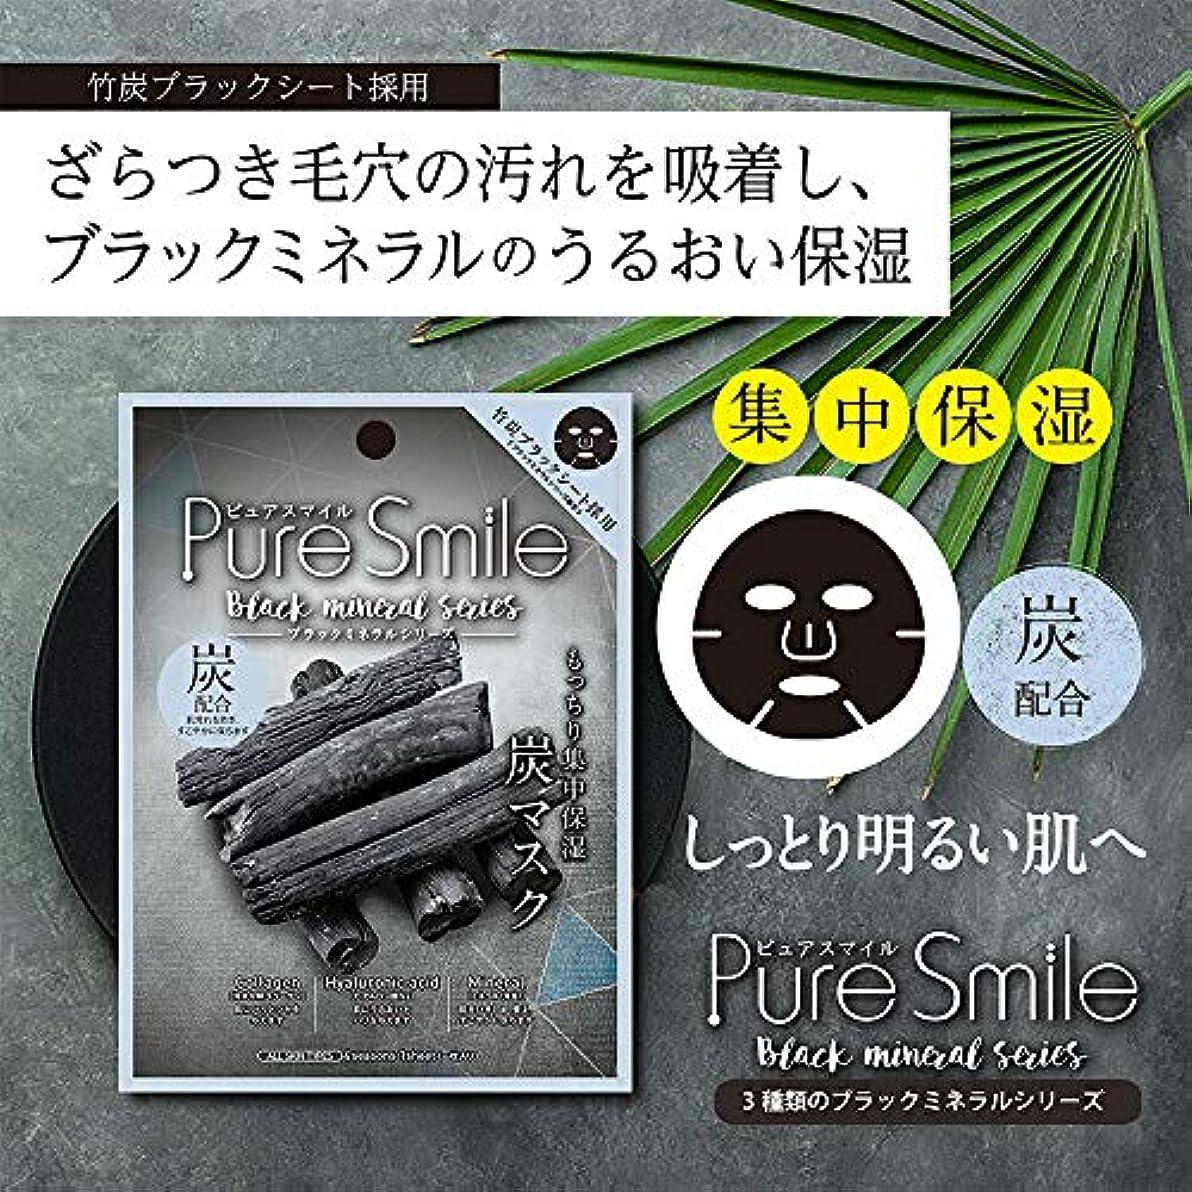 頑丈広まったこだわりPure Smile(ピュアスマイル) エッセンスマスク 『ブラックミネラルシリーズ』(炭) フェイスマスク パック